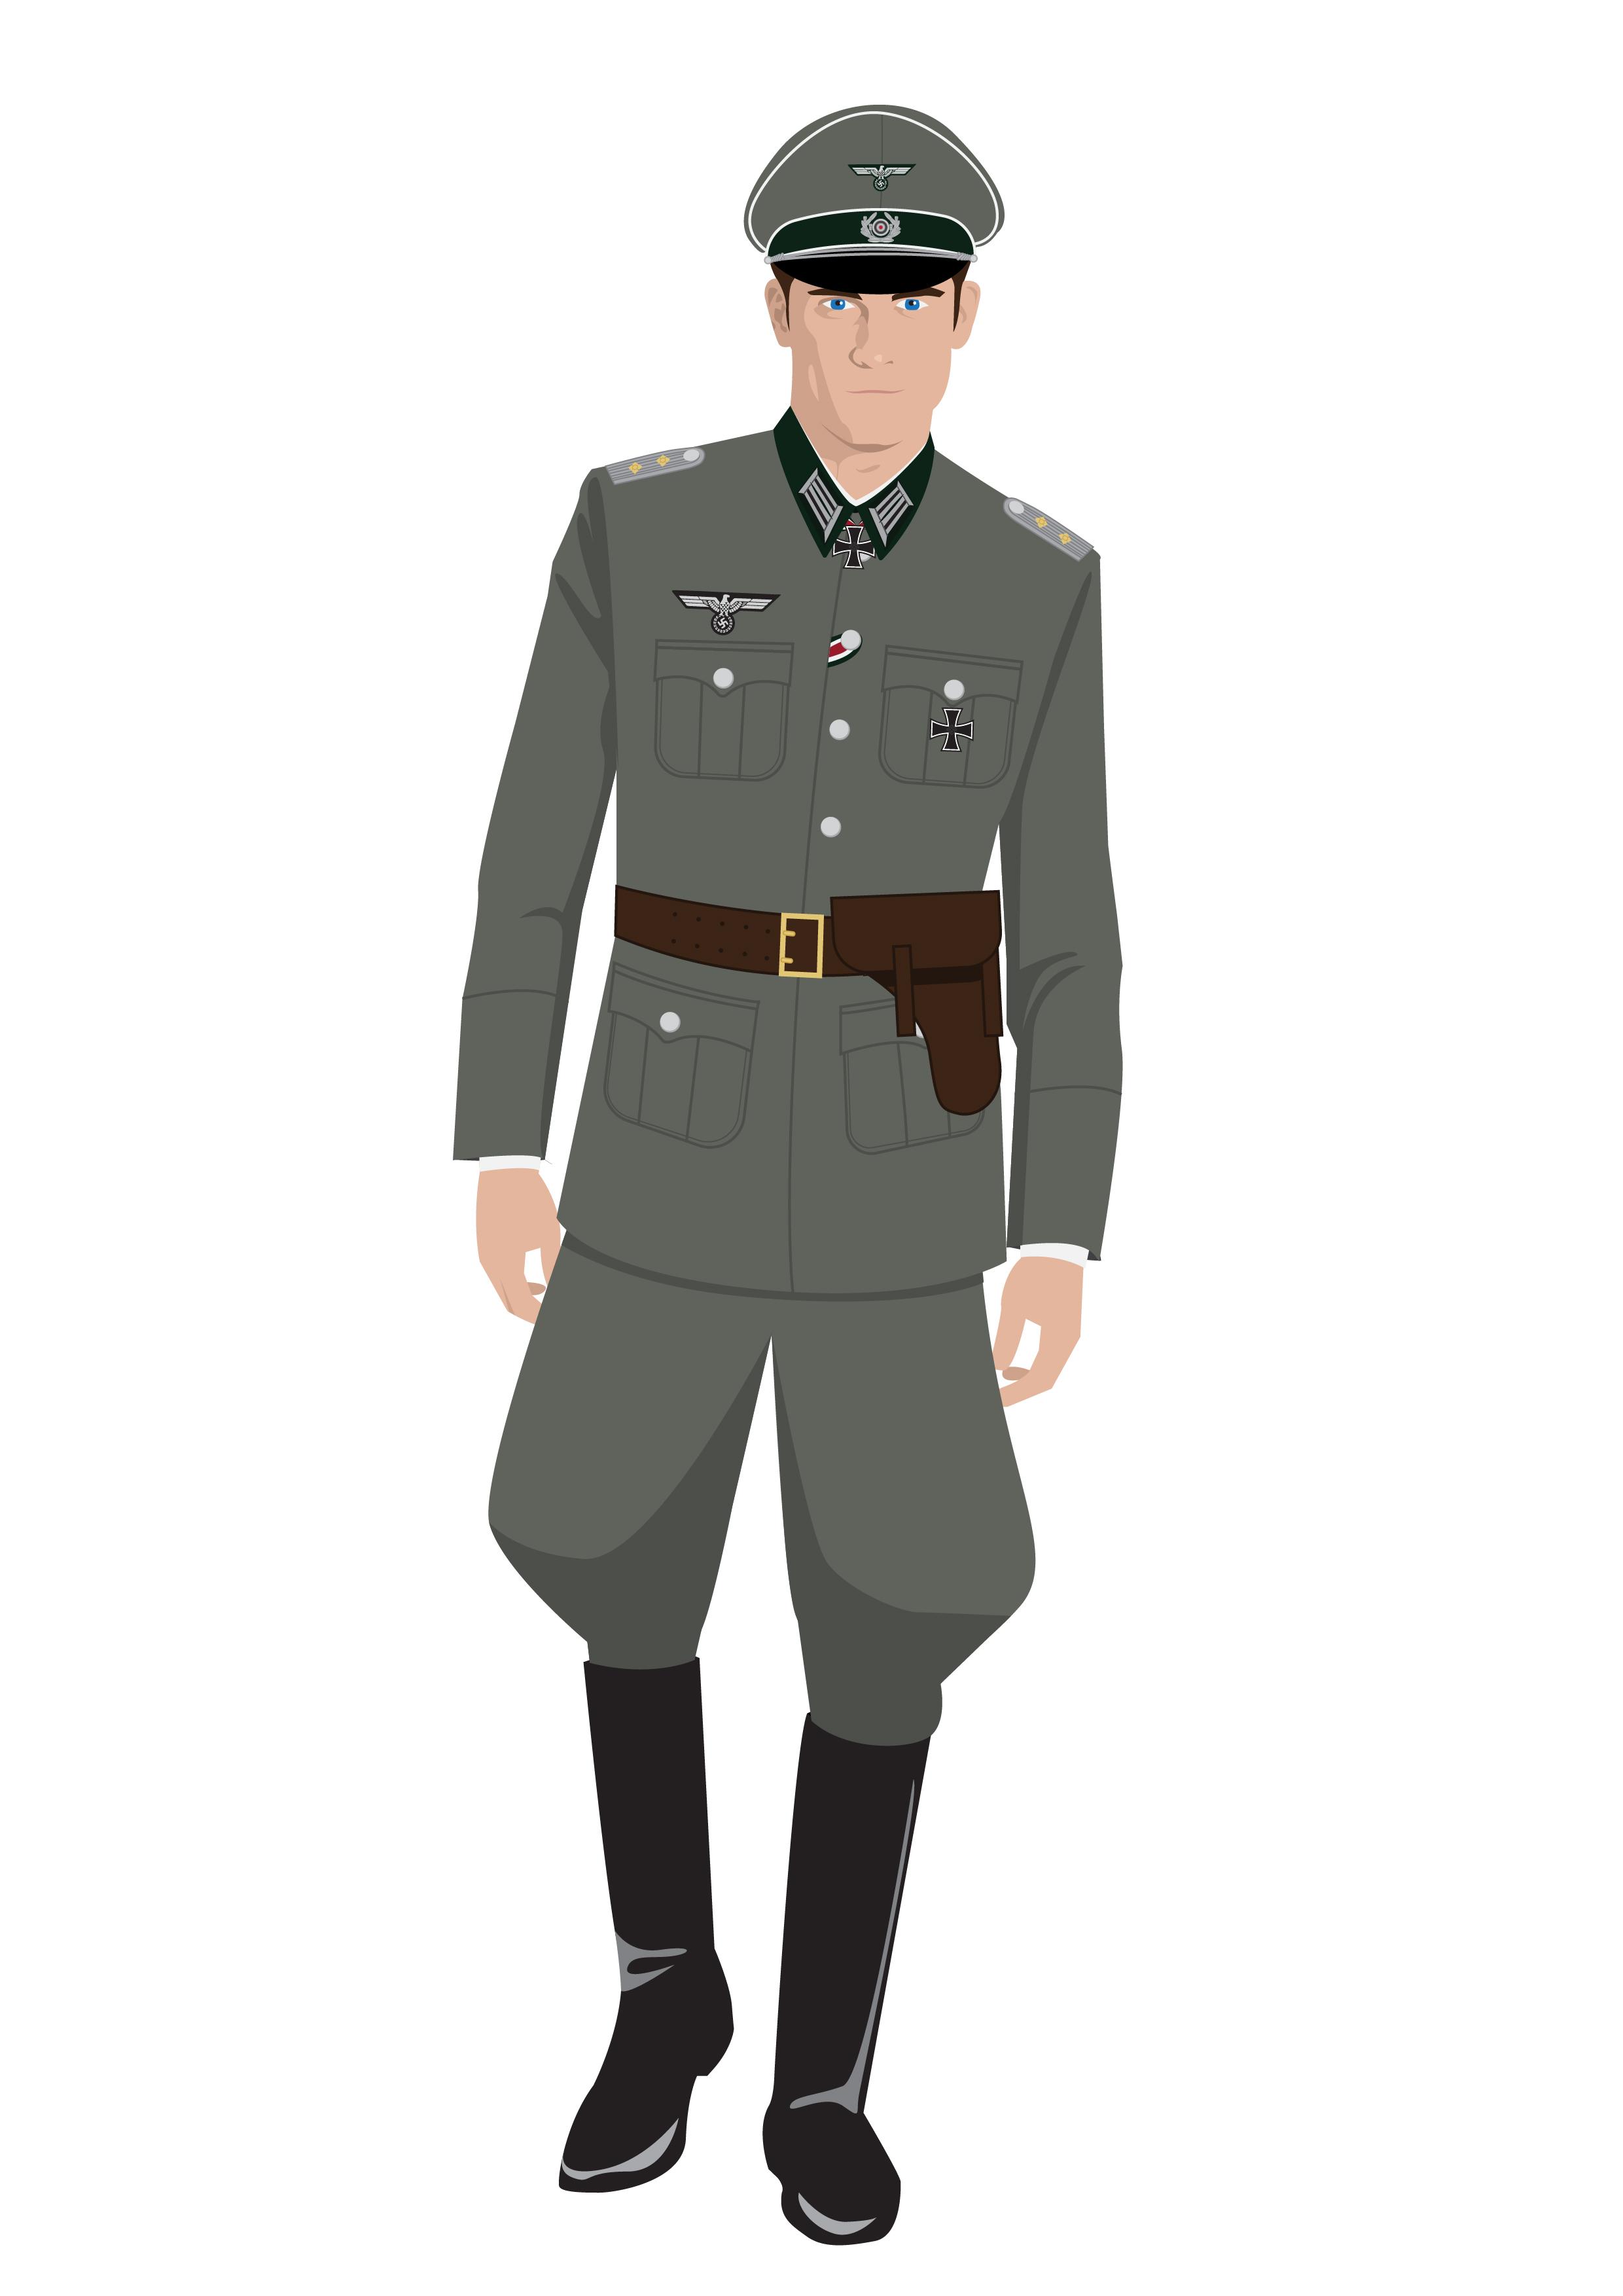 WW2 Wehrmacht Officer Uniform by Uthenism on DeviantArt